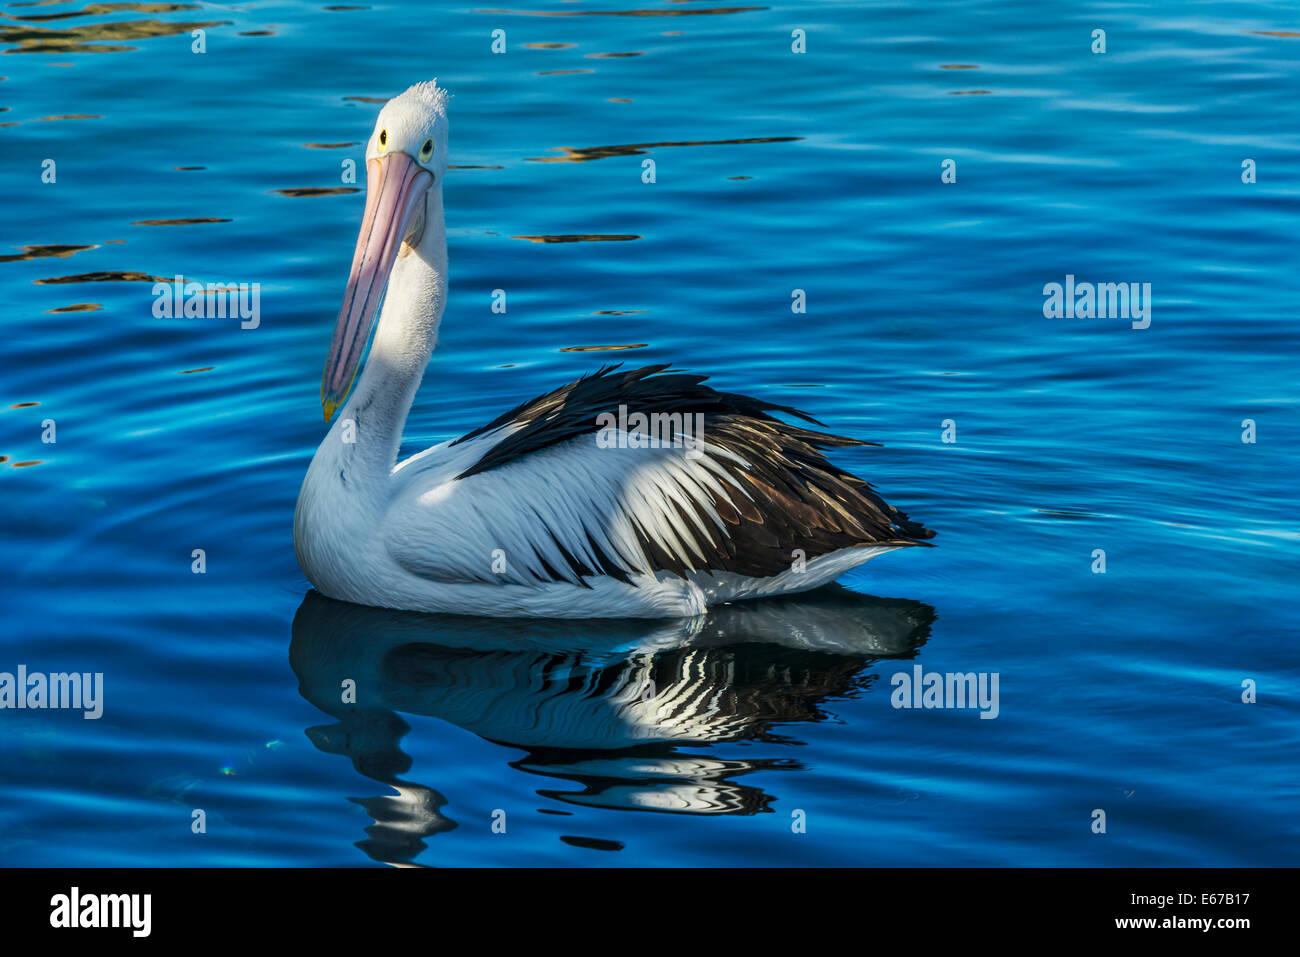 Pelican scorrevolezza su acqua a Baia di quarantena, Eden South Coast NSW Australia Immagini Stock